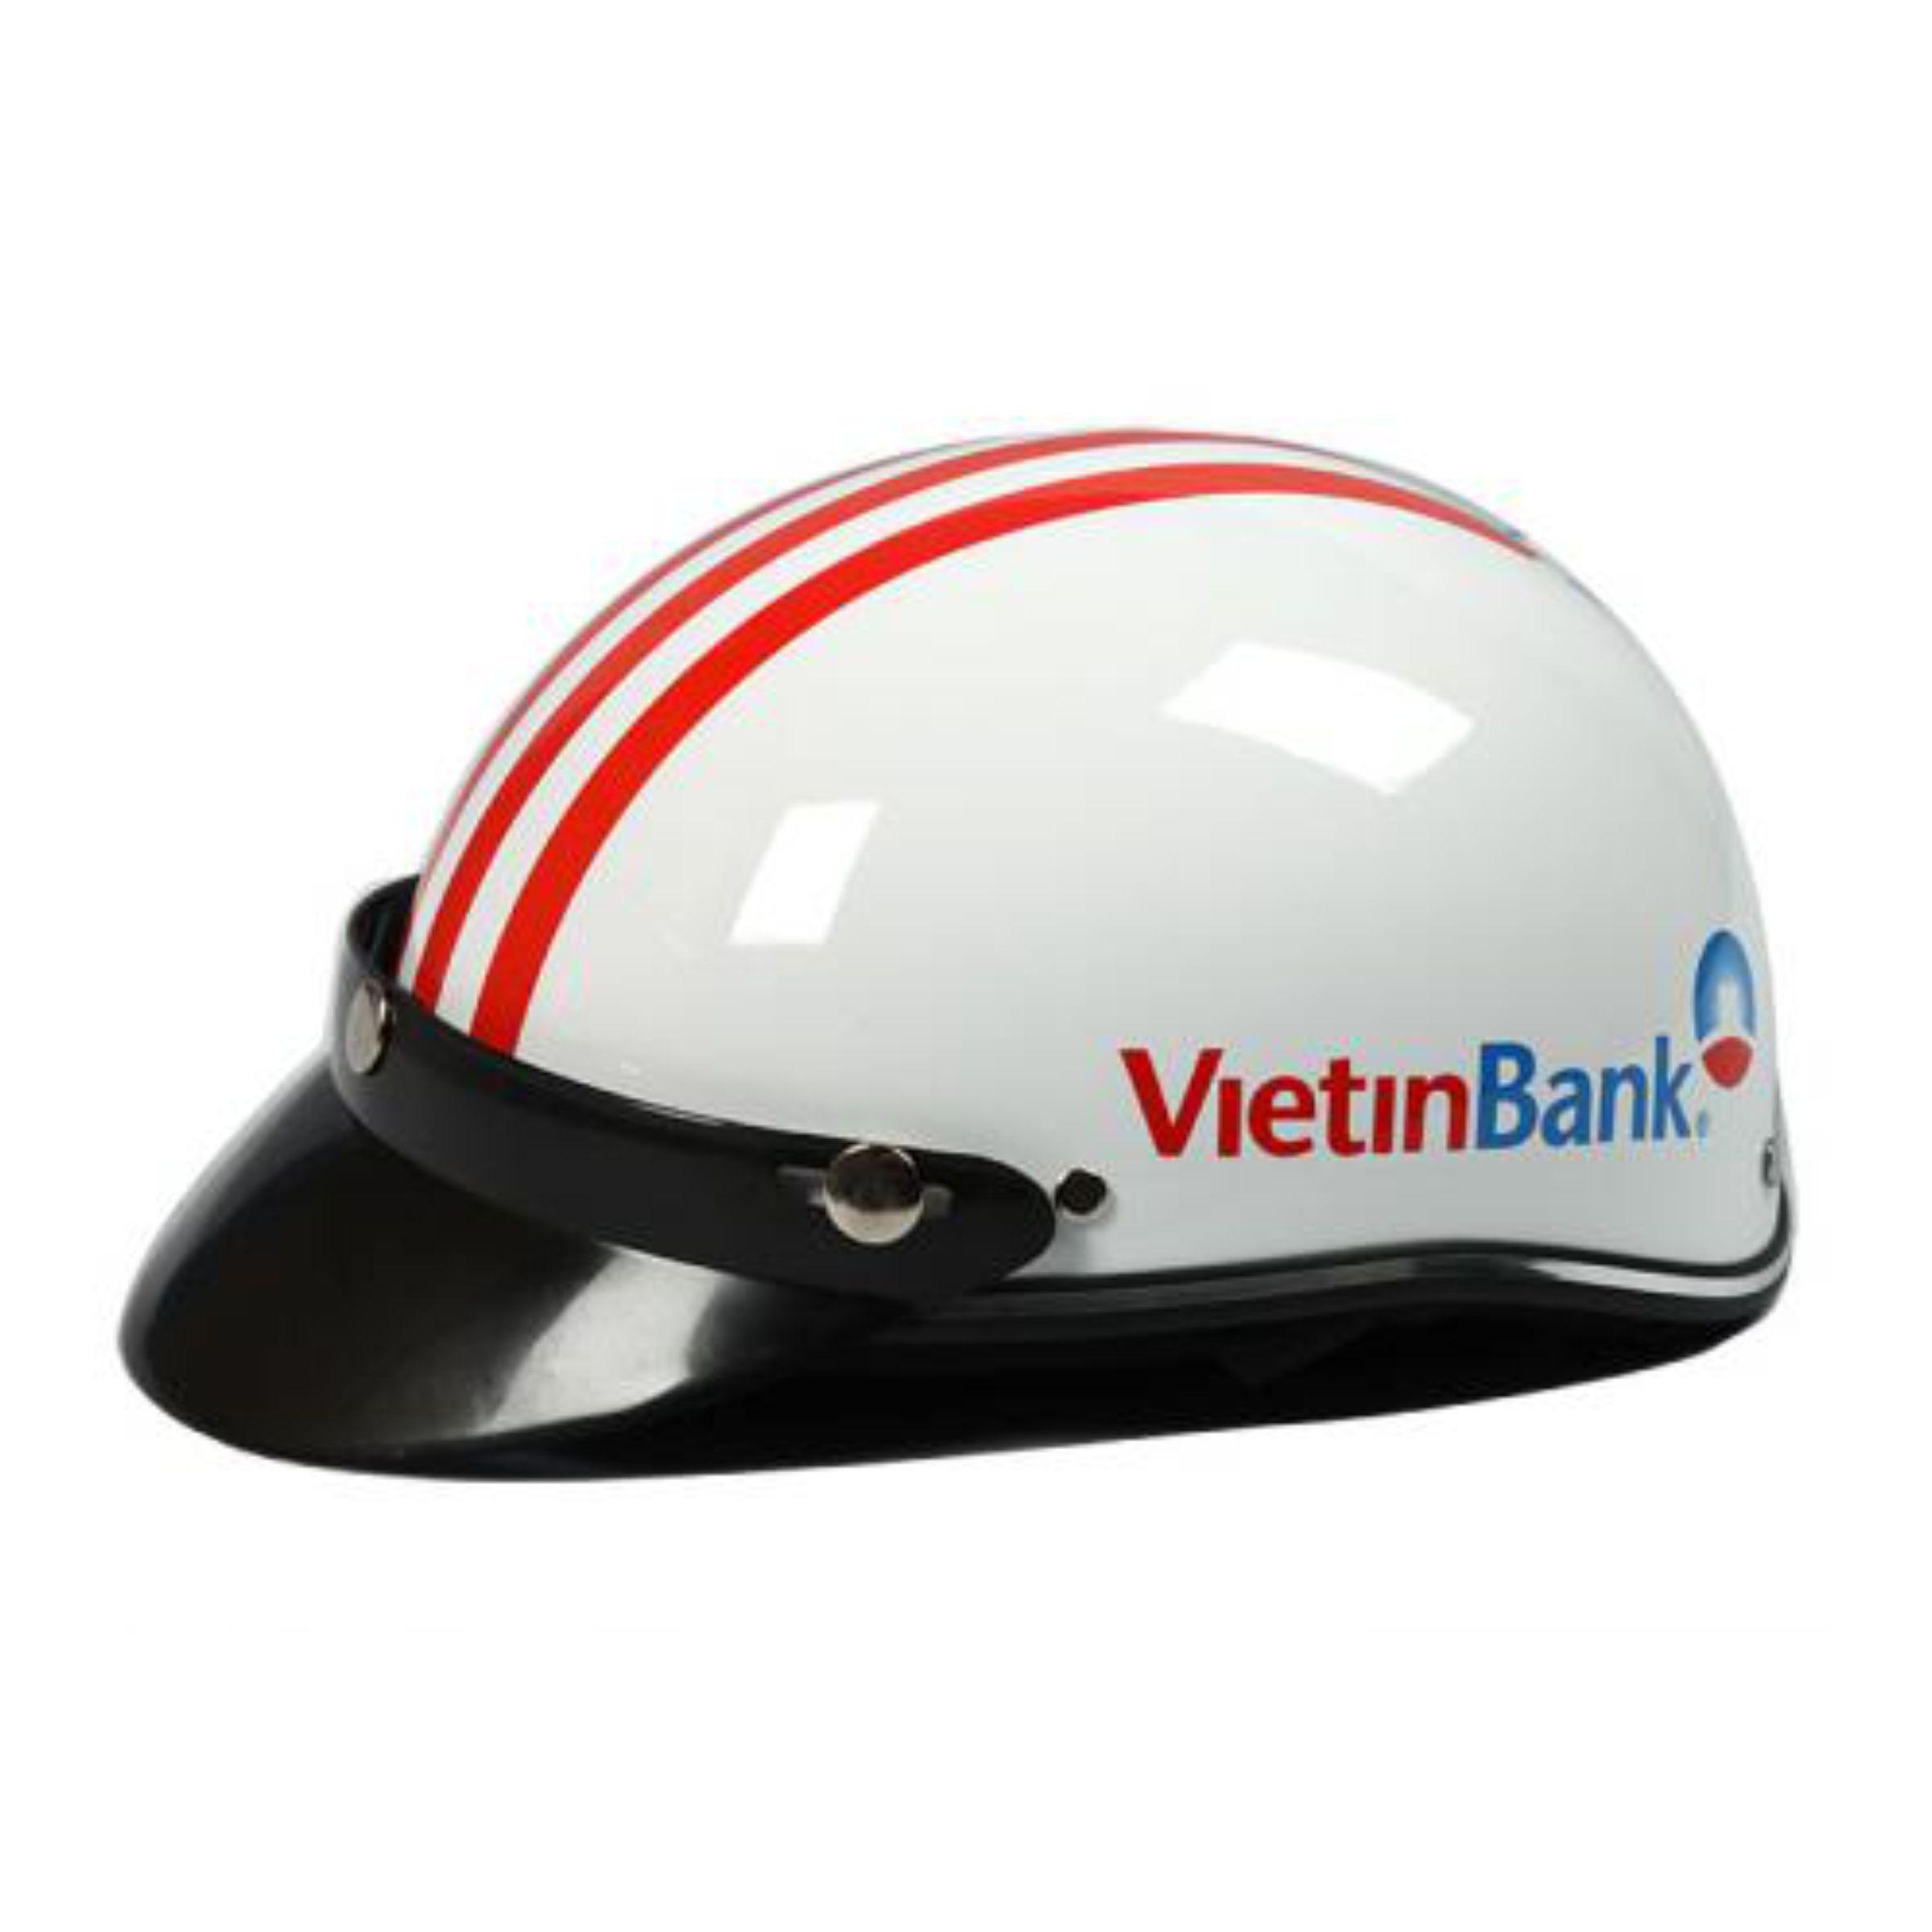 Nón BH Vietinbank